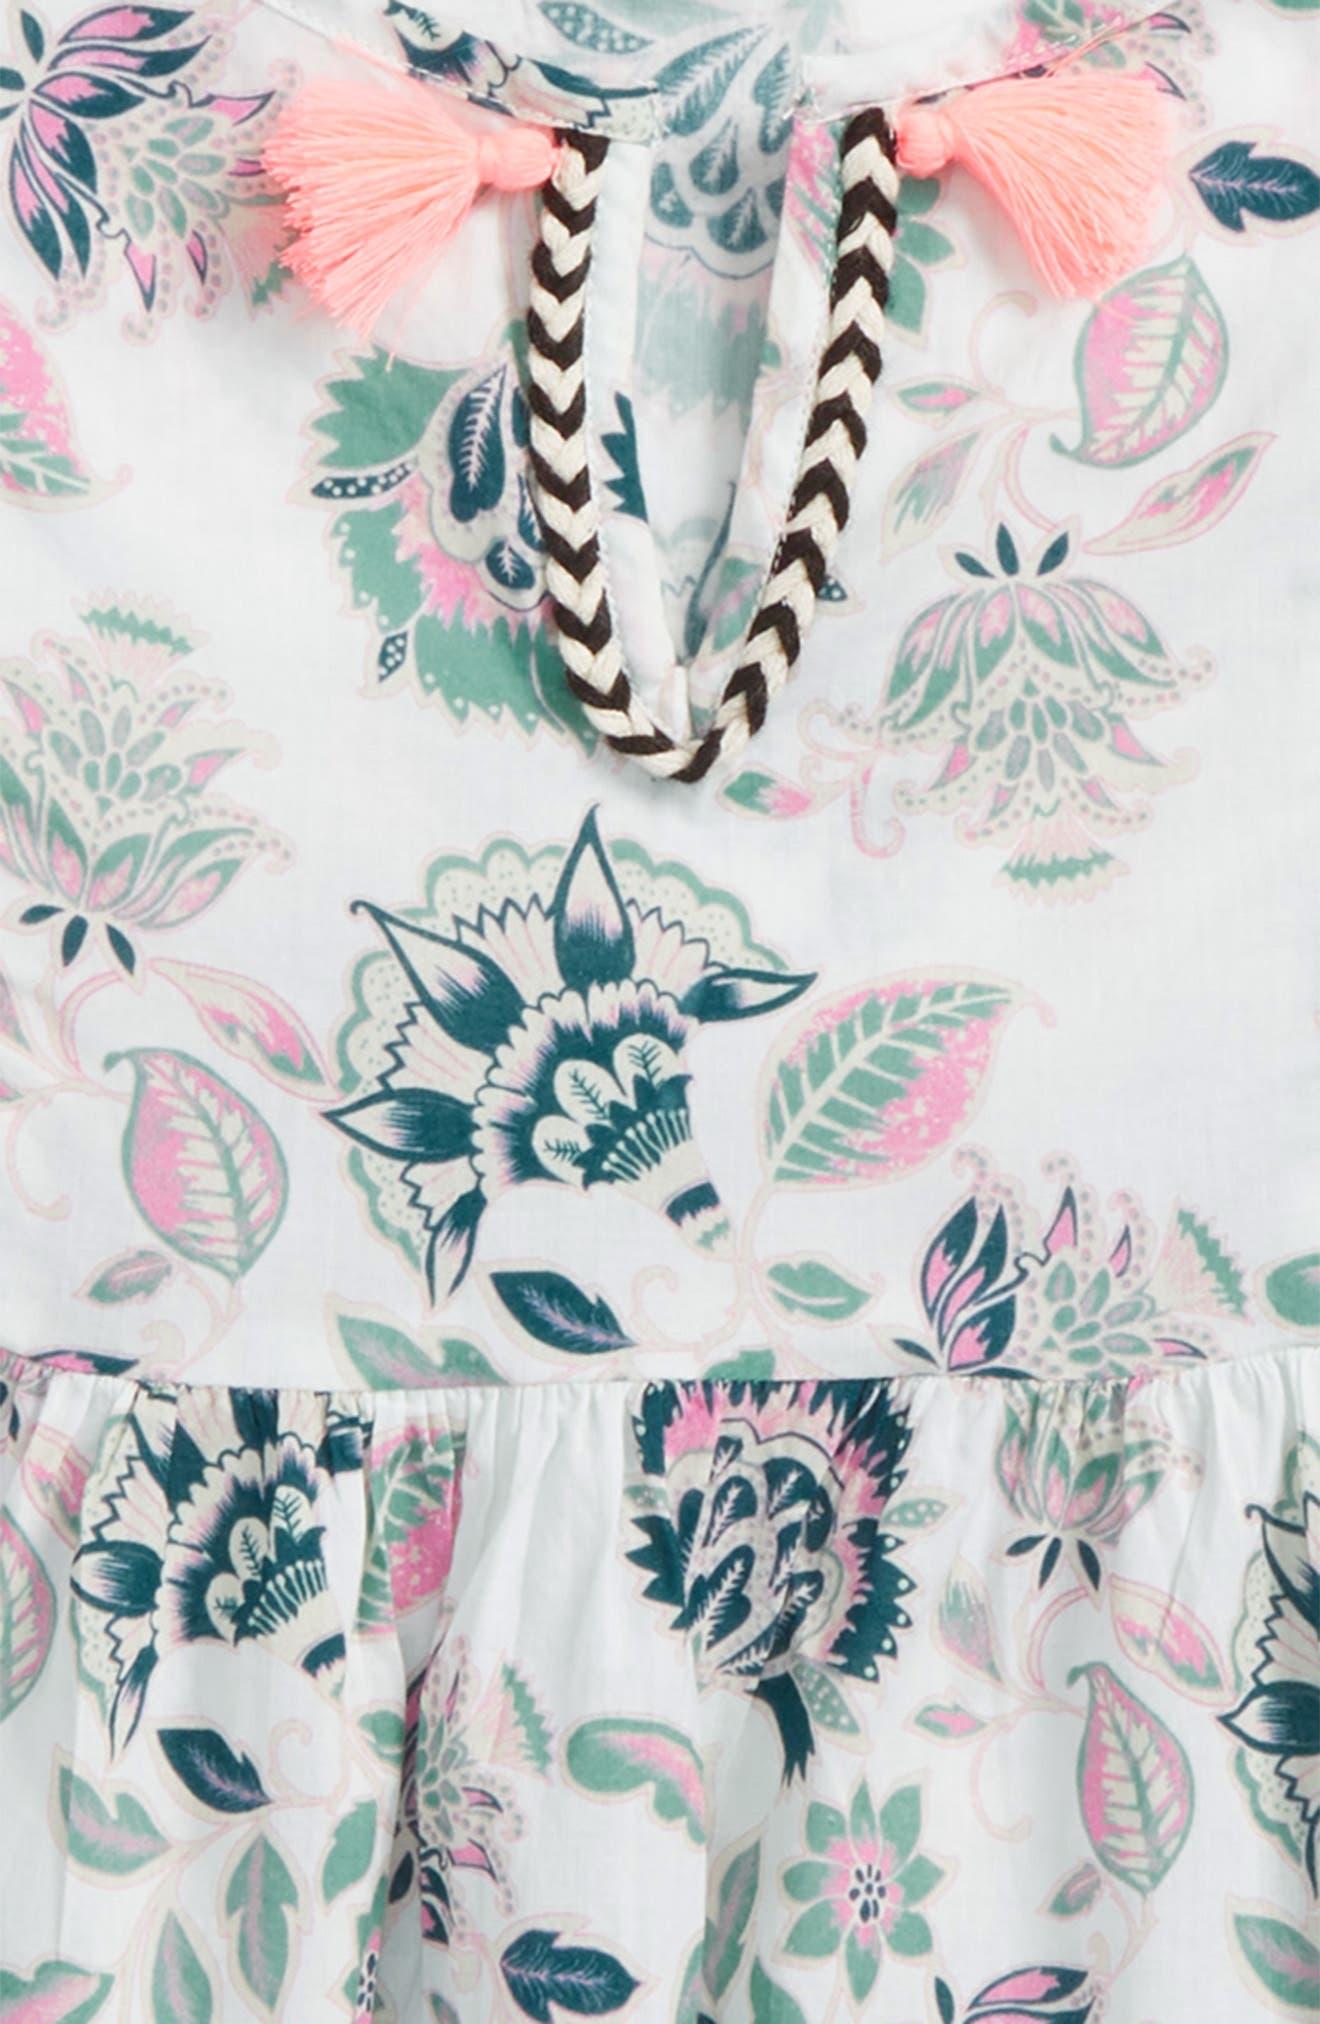 Stefani Floral Print Top,                             Alternate thumbnail 2, color,                             100